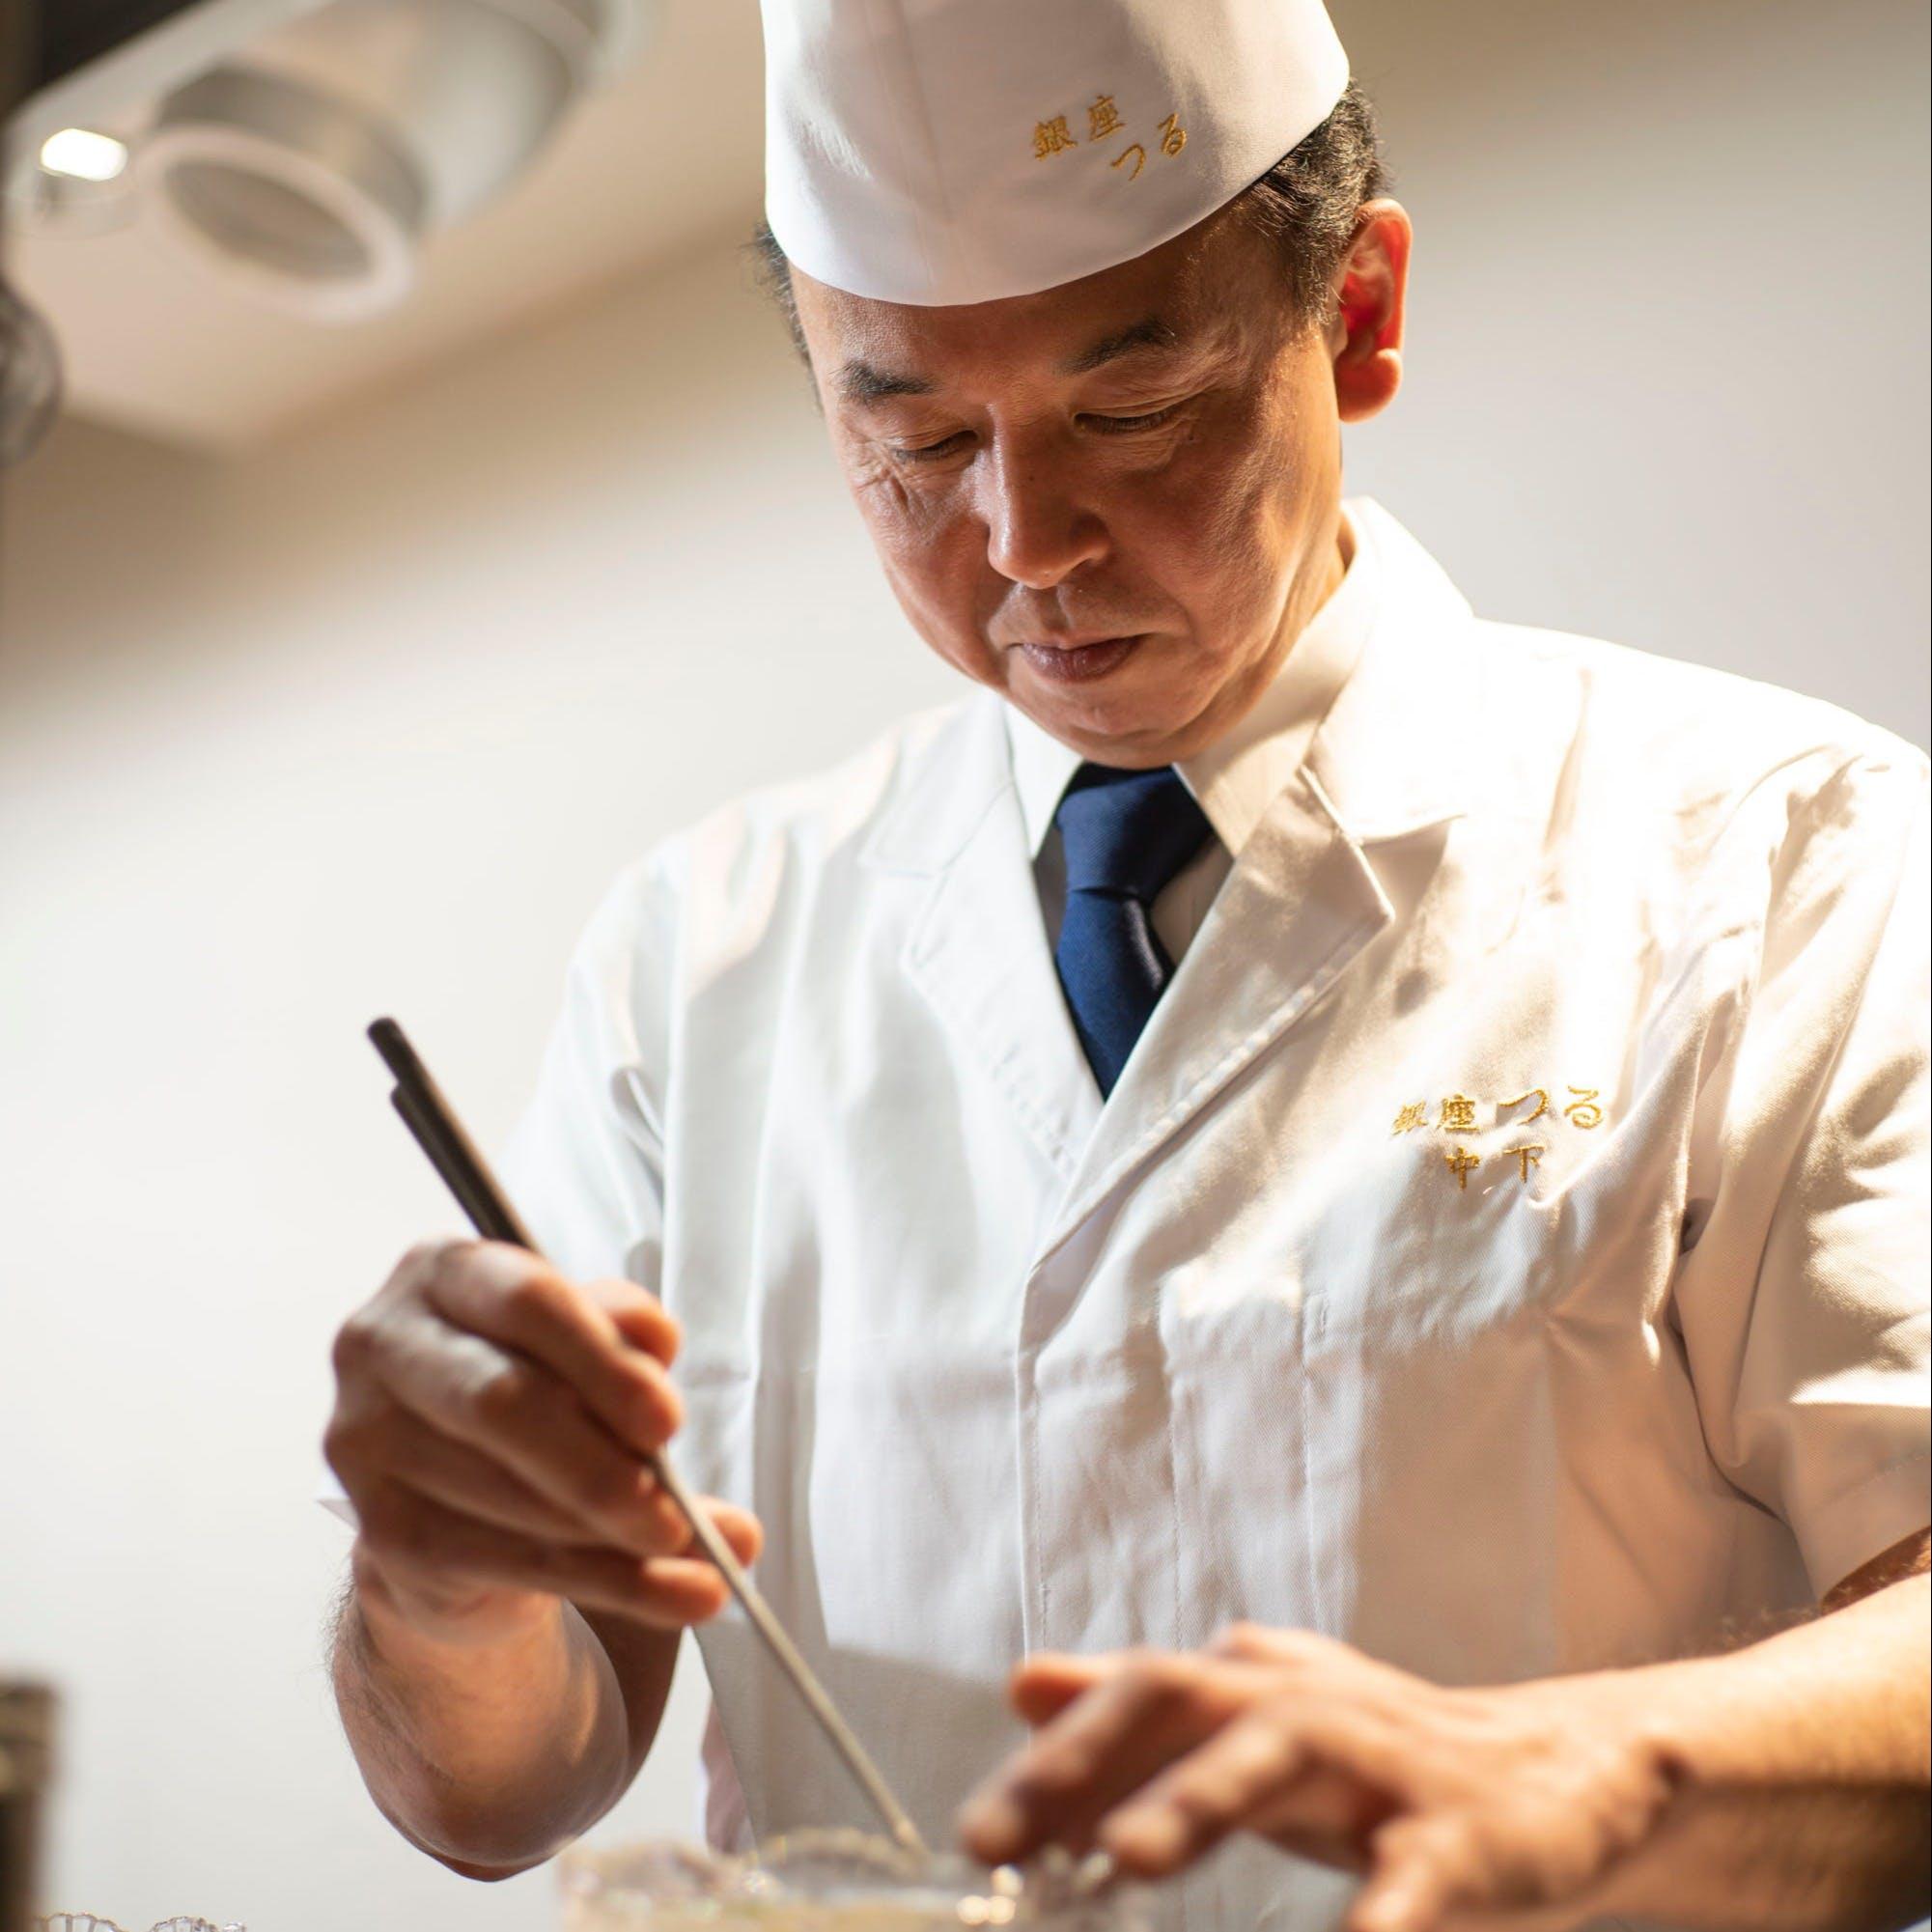 卓越した技術と知識を持つ料理長